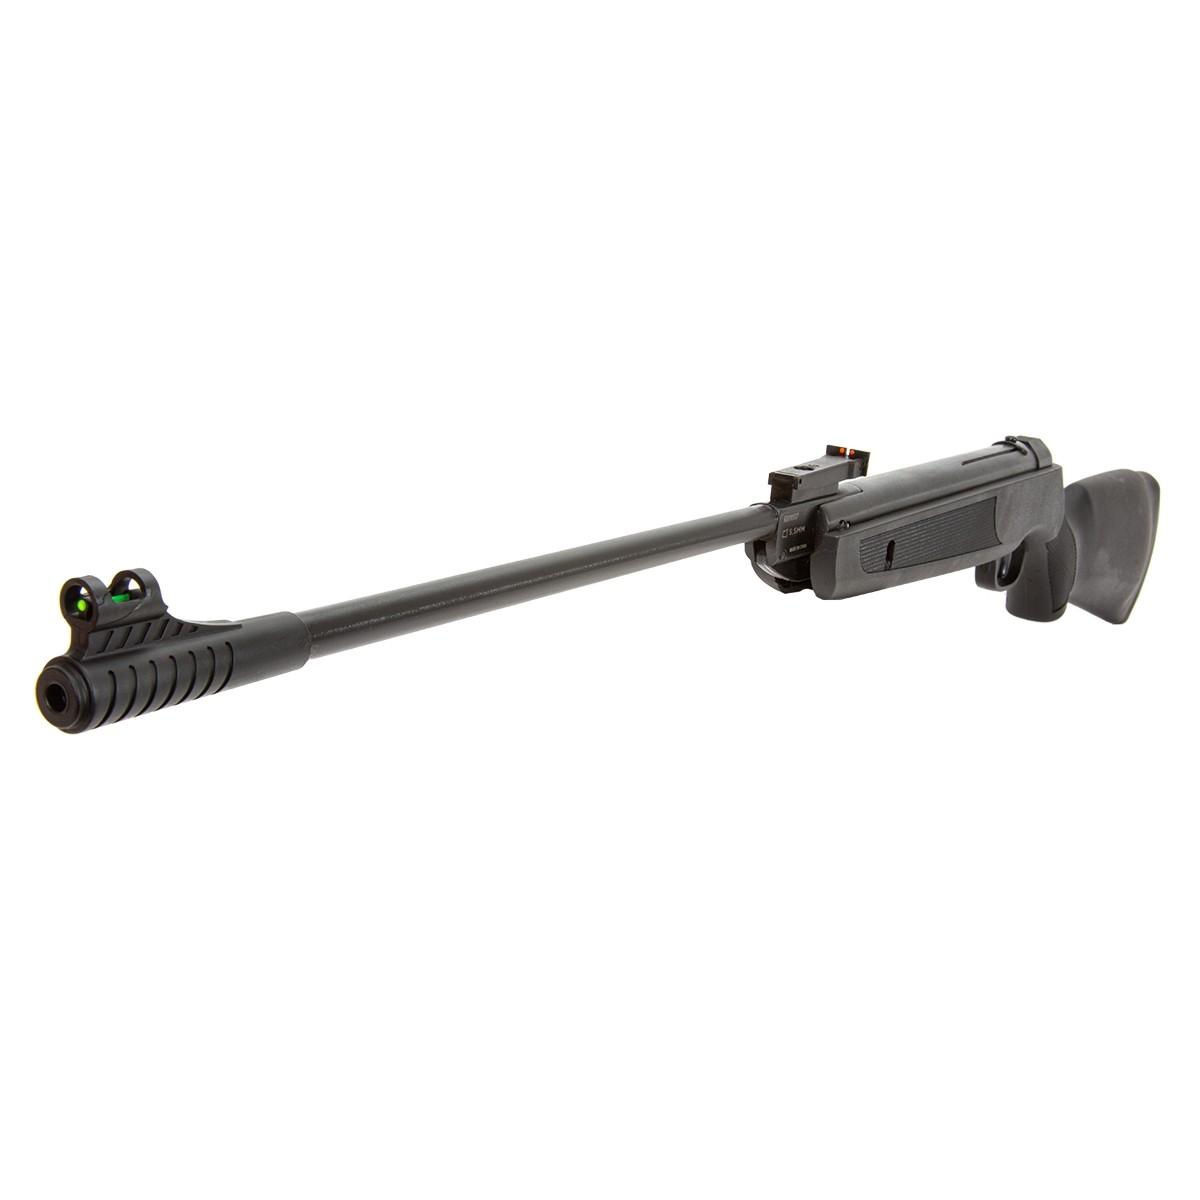 Carabina de Pressão Sport Up 5,5mm